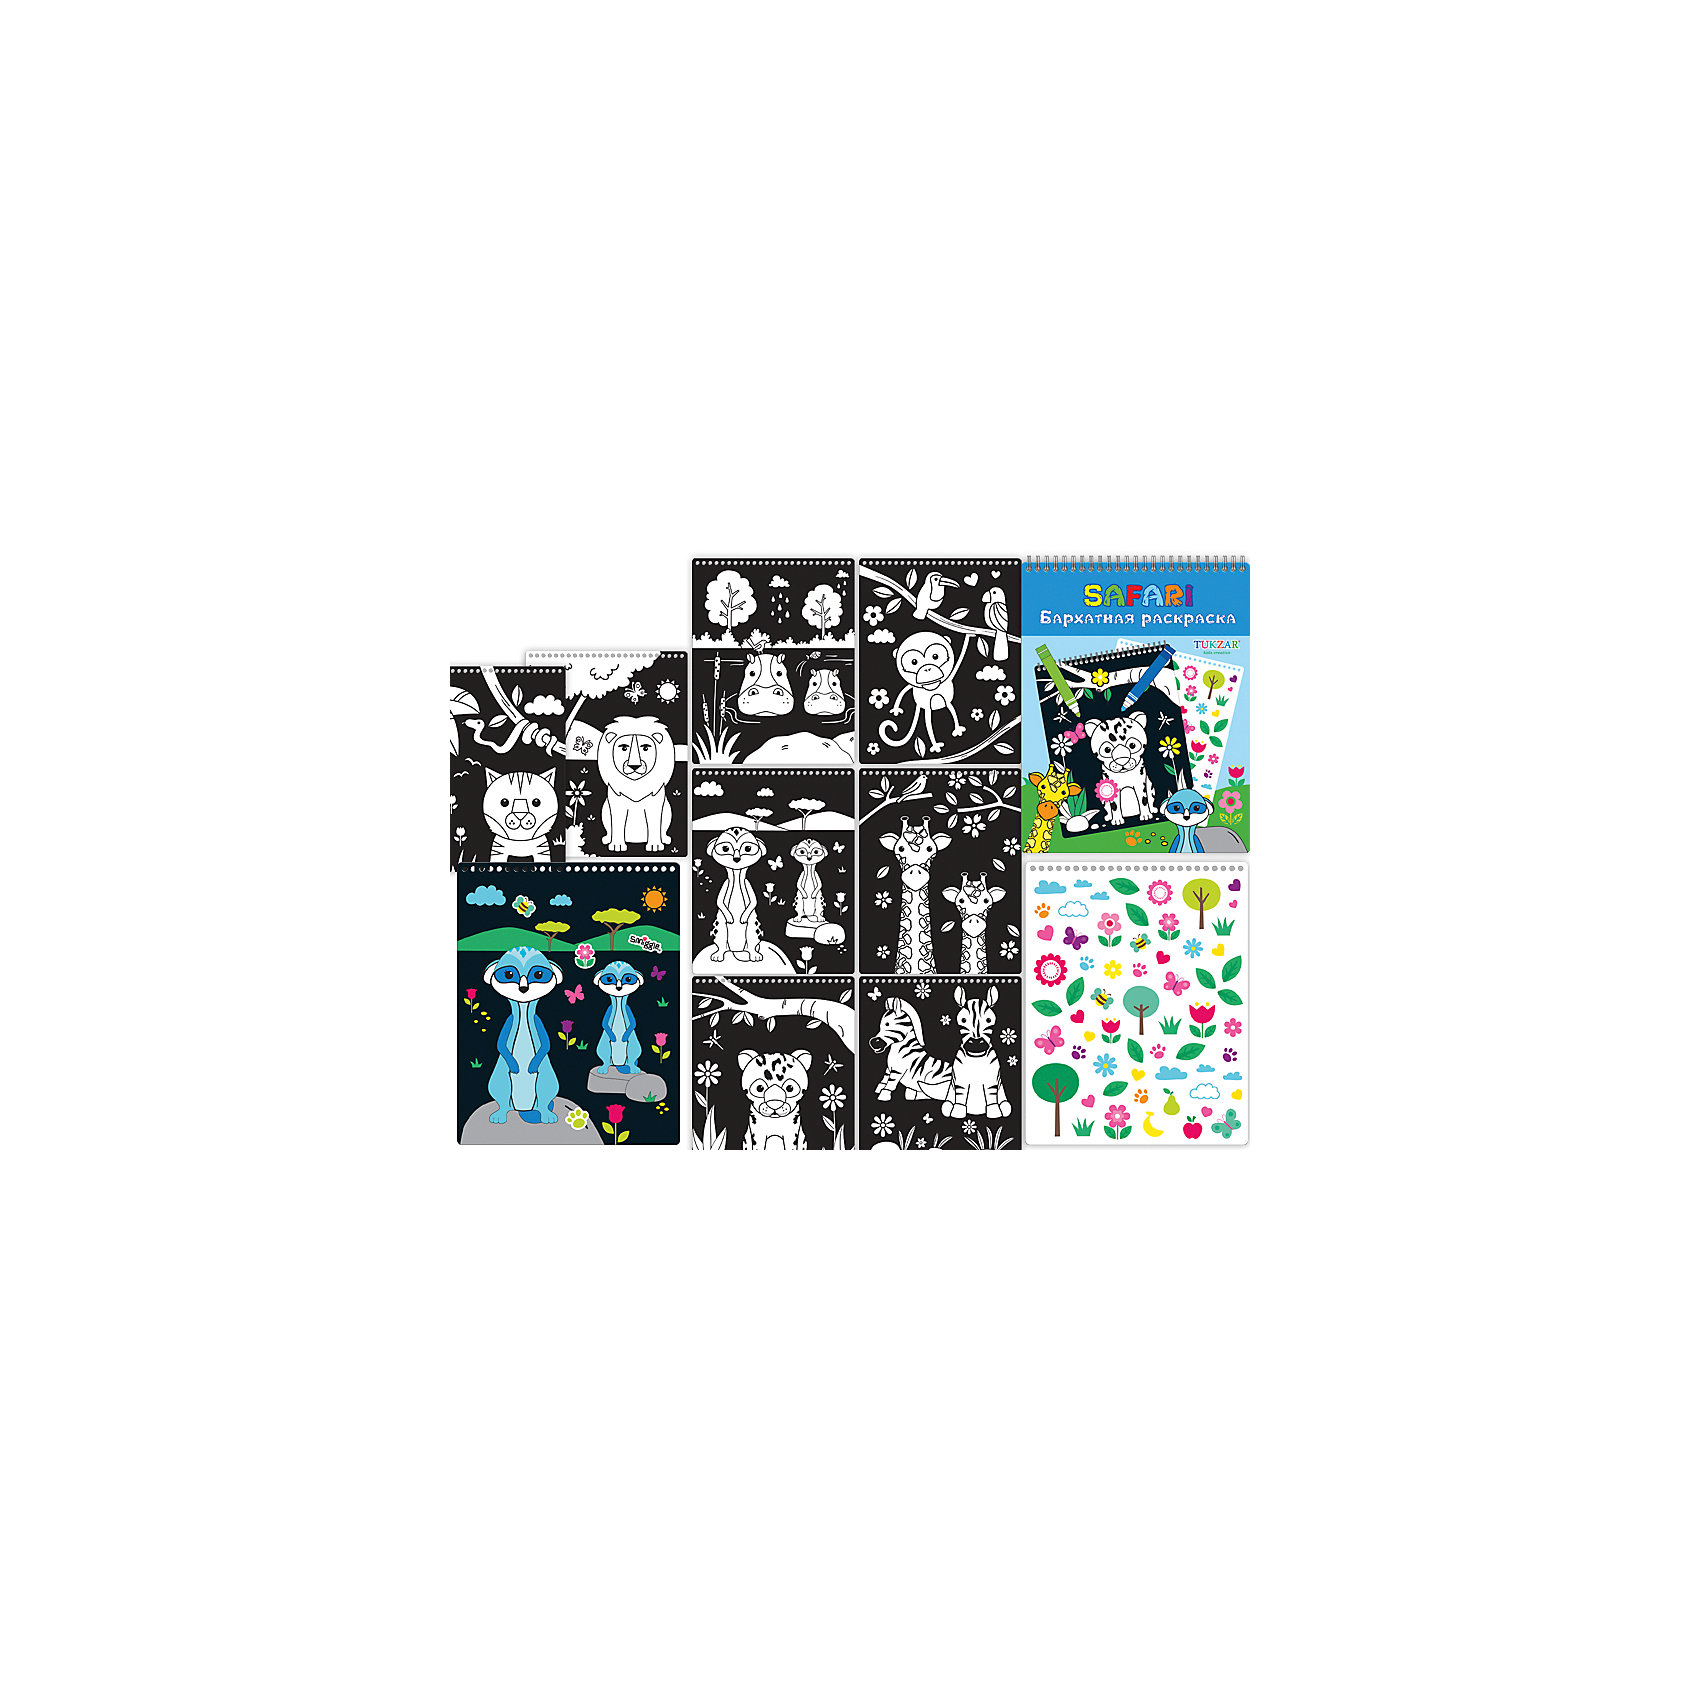 Бархатная раскраска с наклейками Сафари, 8 листовБархатная раскраска с наклейками Сафари, 8 листов от известного торгового бренда канцелярских товаров и товаров для творчества TUKZAR. Этот набор подарит увлекательное и, вместе с тем, развивающее времяпрепровождение для вашего ребенка. Раскрашивание по контуру научит действовать по образцу, а набор наклеек позволит развивать мелкую моторику. Кроме того, в процессе раскрашивания можно придумывать забавные истории, что будет способствовать развитию воображения и словарного запаса вашего малыша. <br>Бархатная раскраска с наклейками Сафари, 8 листов от TUKZAR станет прекрасным подарком к любому торжеству! <br><br>Дополнительная информация:<br><br>- Предназначение: для занятий художественным творчеством<br>- Пол: для девочки/для мальчика<br>- Комплектация: альбом на пружине, наклейки<br>- Размеры (Д*Ш): 22*28 см<br>- Упаковка: полиэтилен<br><br>Подробнее:<br><br>• Для детей в возрасте: от 3 лет <br>• Страна производитель: Китай<br>• Торговый бренд: TUKZAR<br><br>Бархатная раскраска с наклейками Сафари, 8 листов можно купить в нашем интернет-магазине.<br><br>Ширина мм: 220<br>Глубина мм: 280<br>Высота мм: 20<br>Вес г: 100<br>Возраст от месяцев: 36<br>Возраст до месяцев: 132<br>Пол: Унисекс<br>Возраст: Детский<br>SKU: 5001436